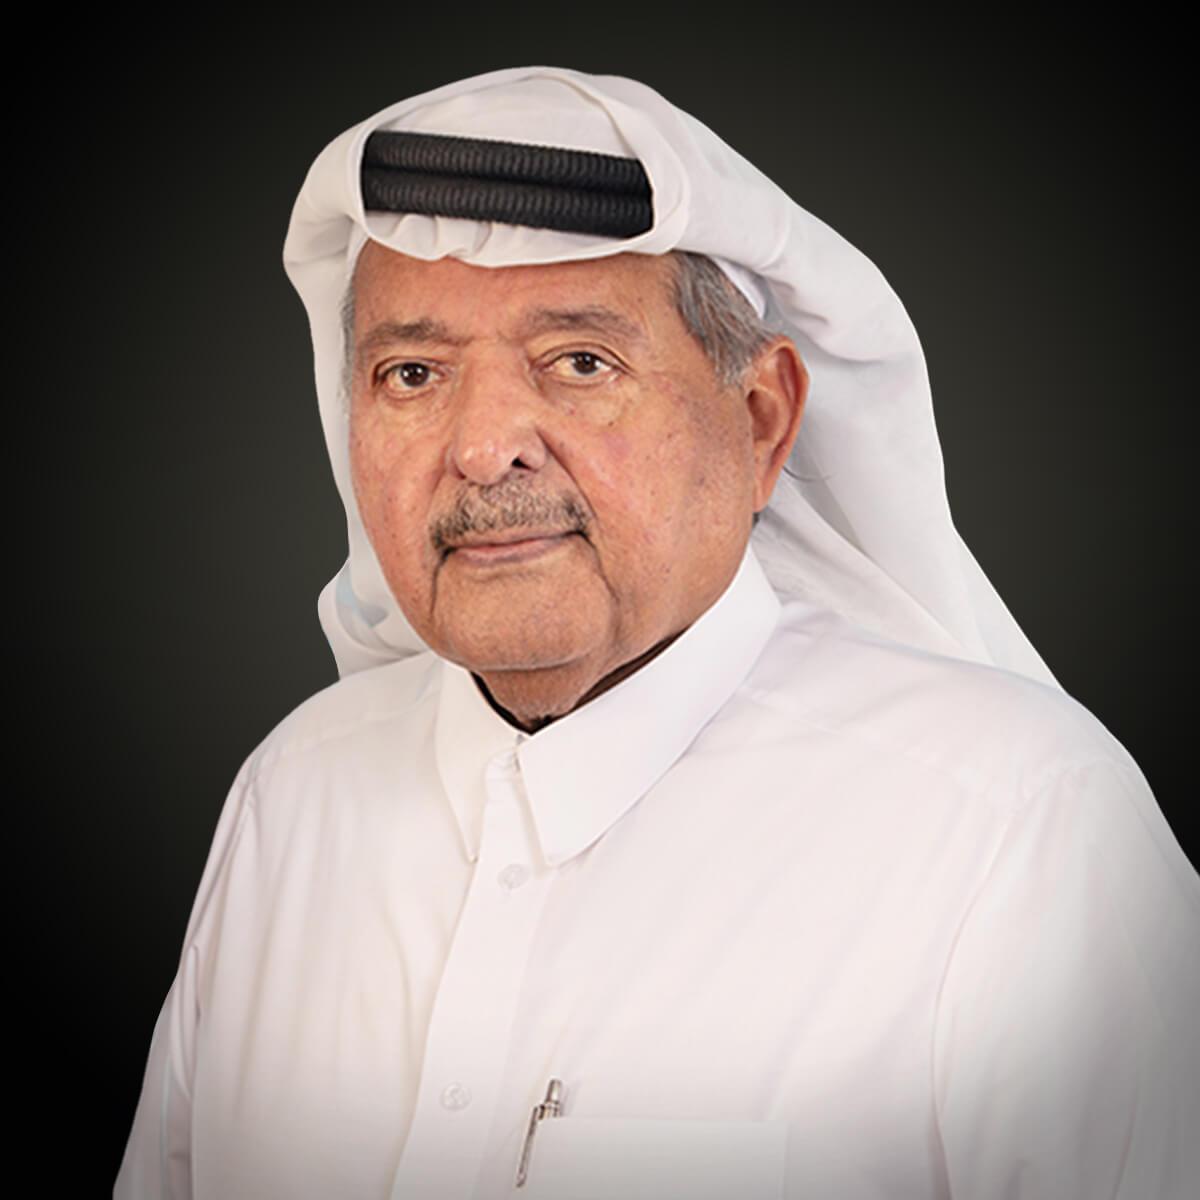 Faisal Bin Qassim Al Thani